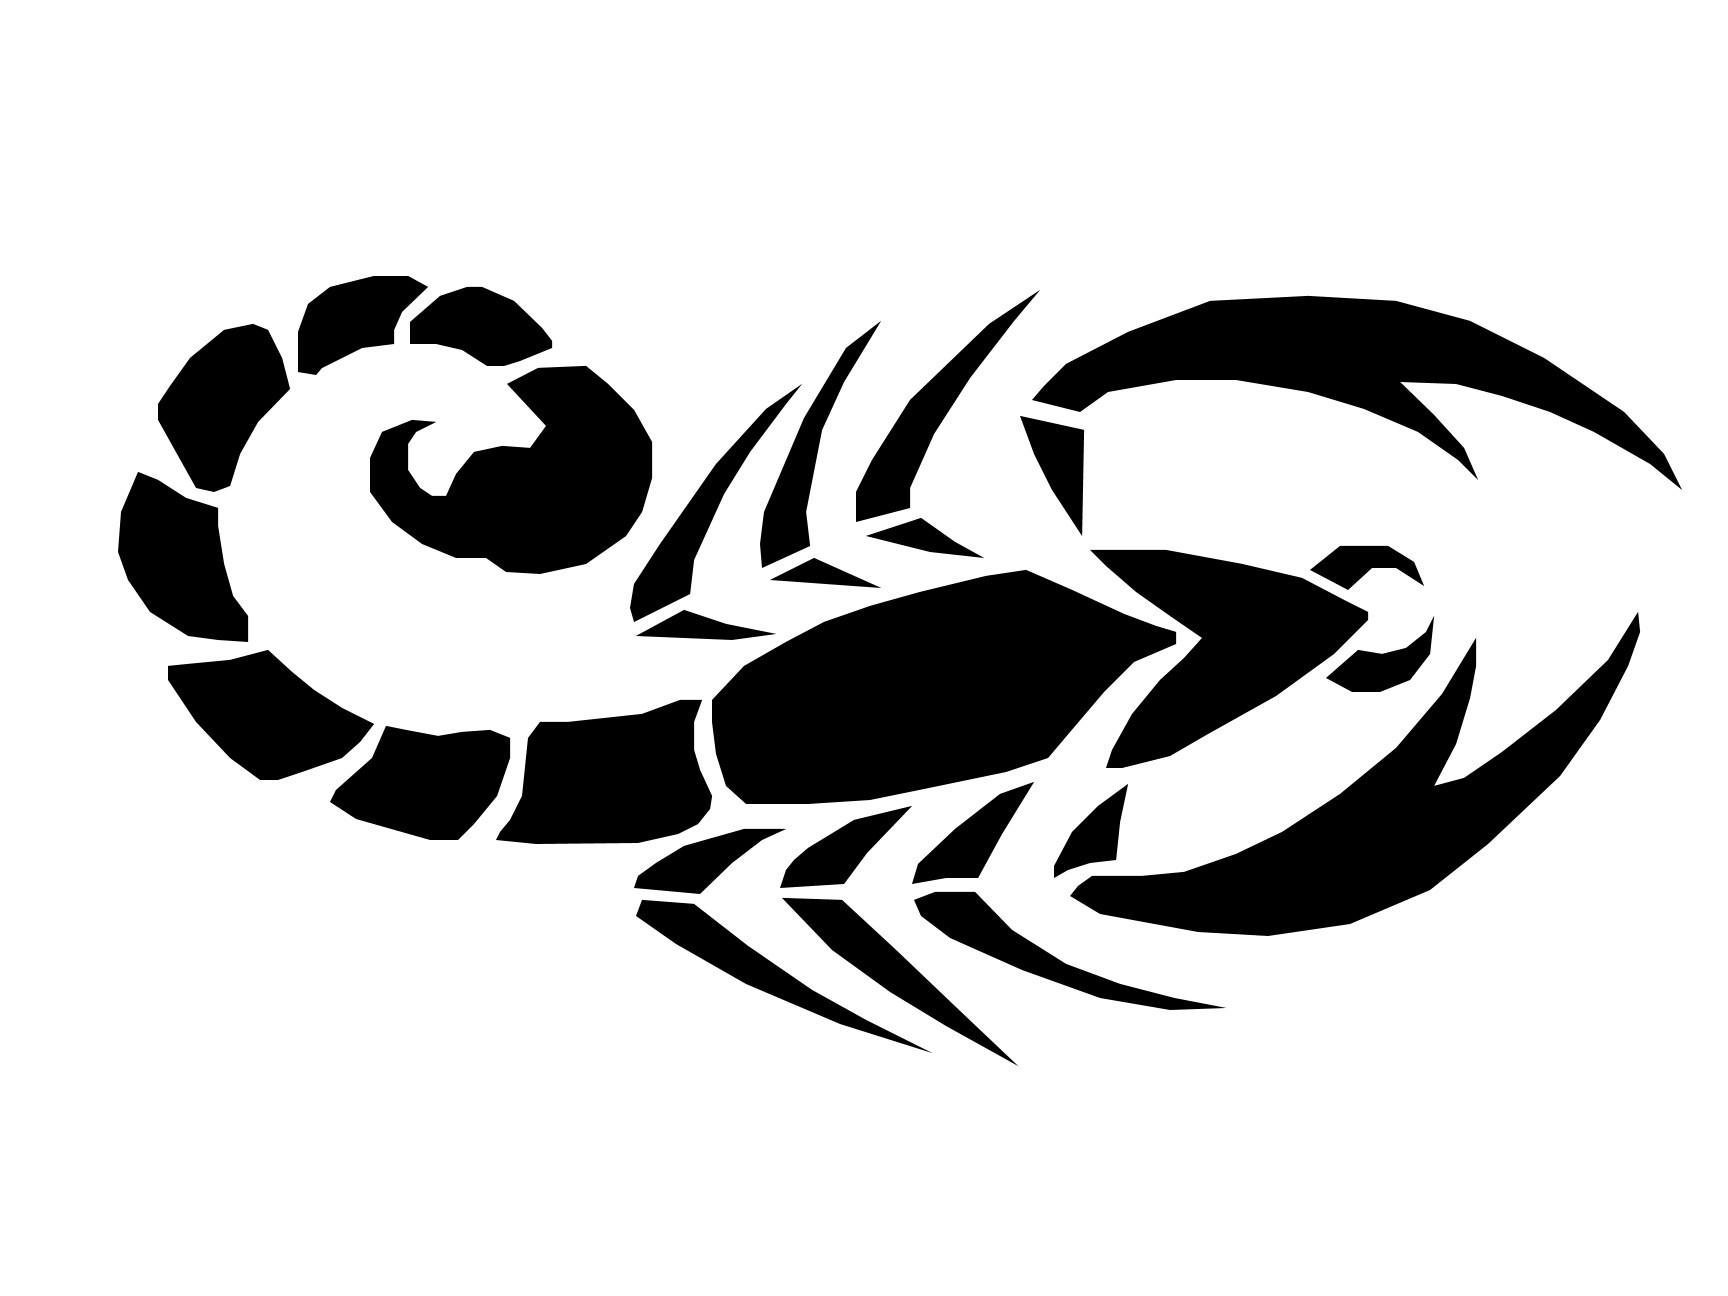 35 Tribal Scorpion Tattoos Ideas